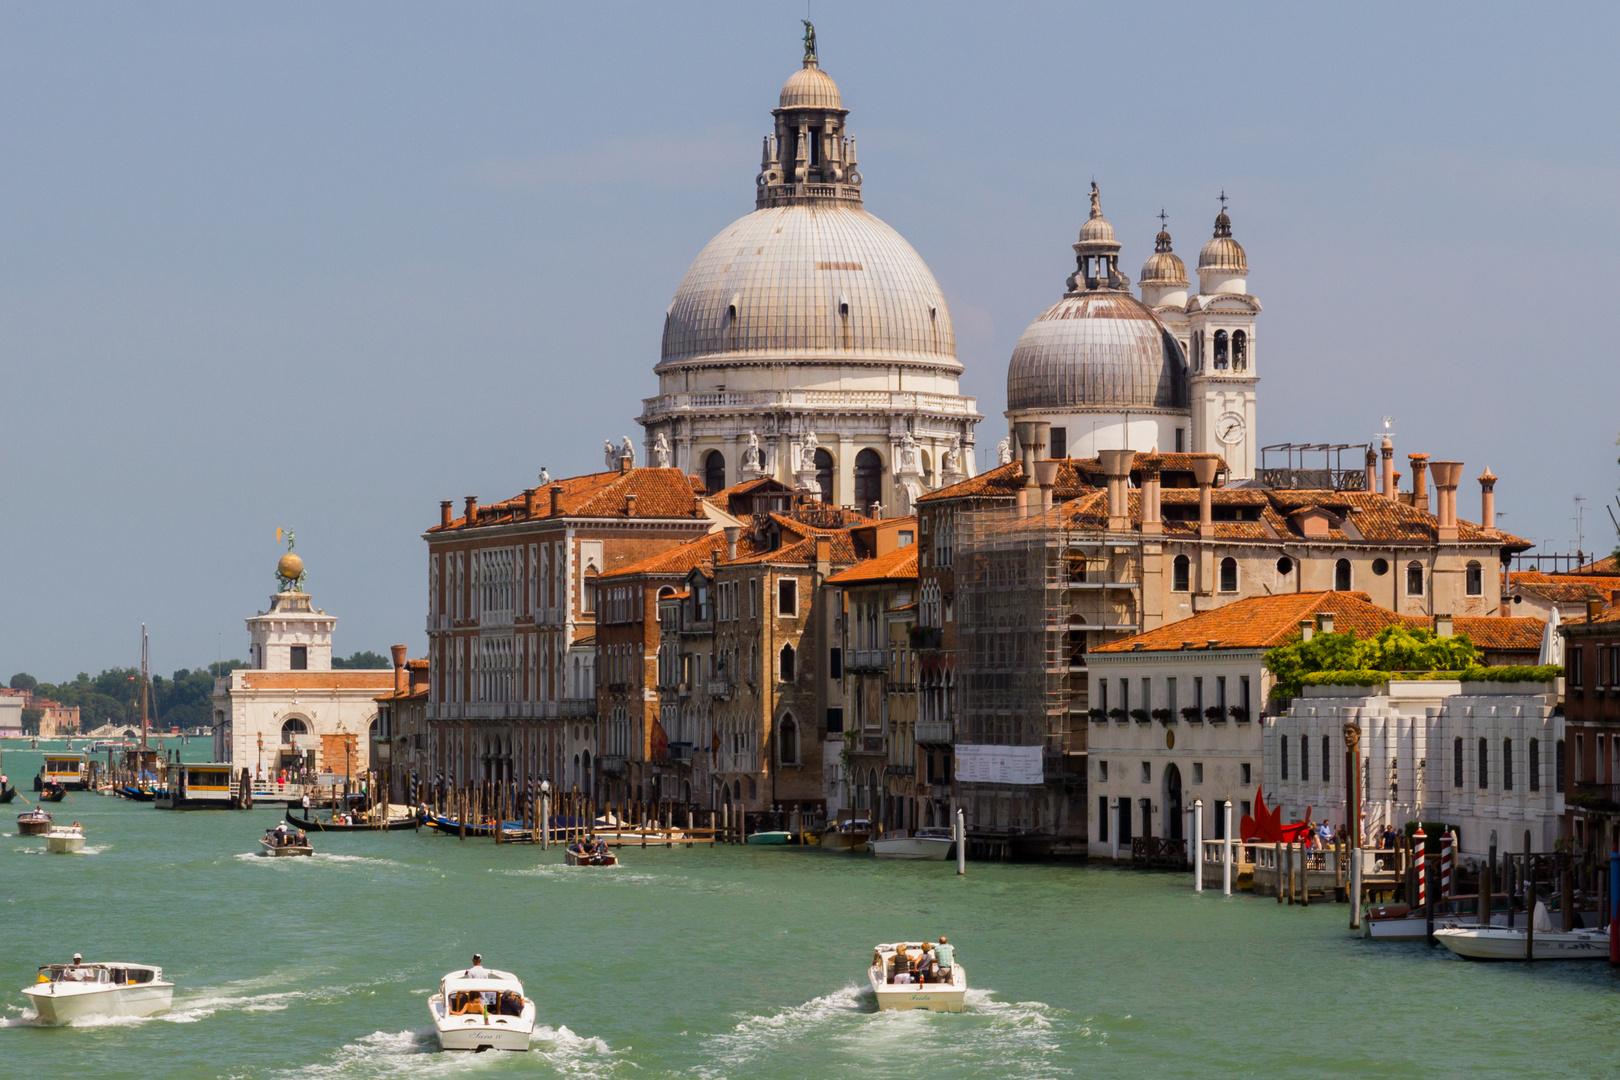 Venedig Impressionen (6)